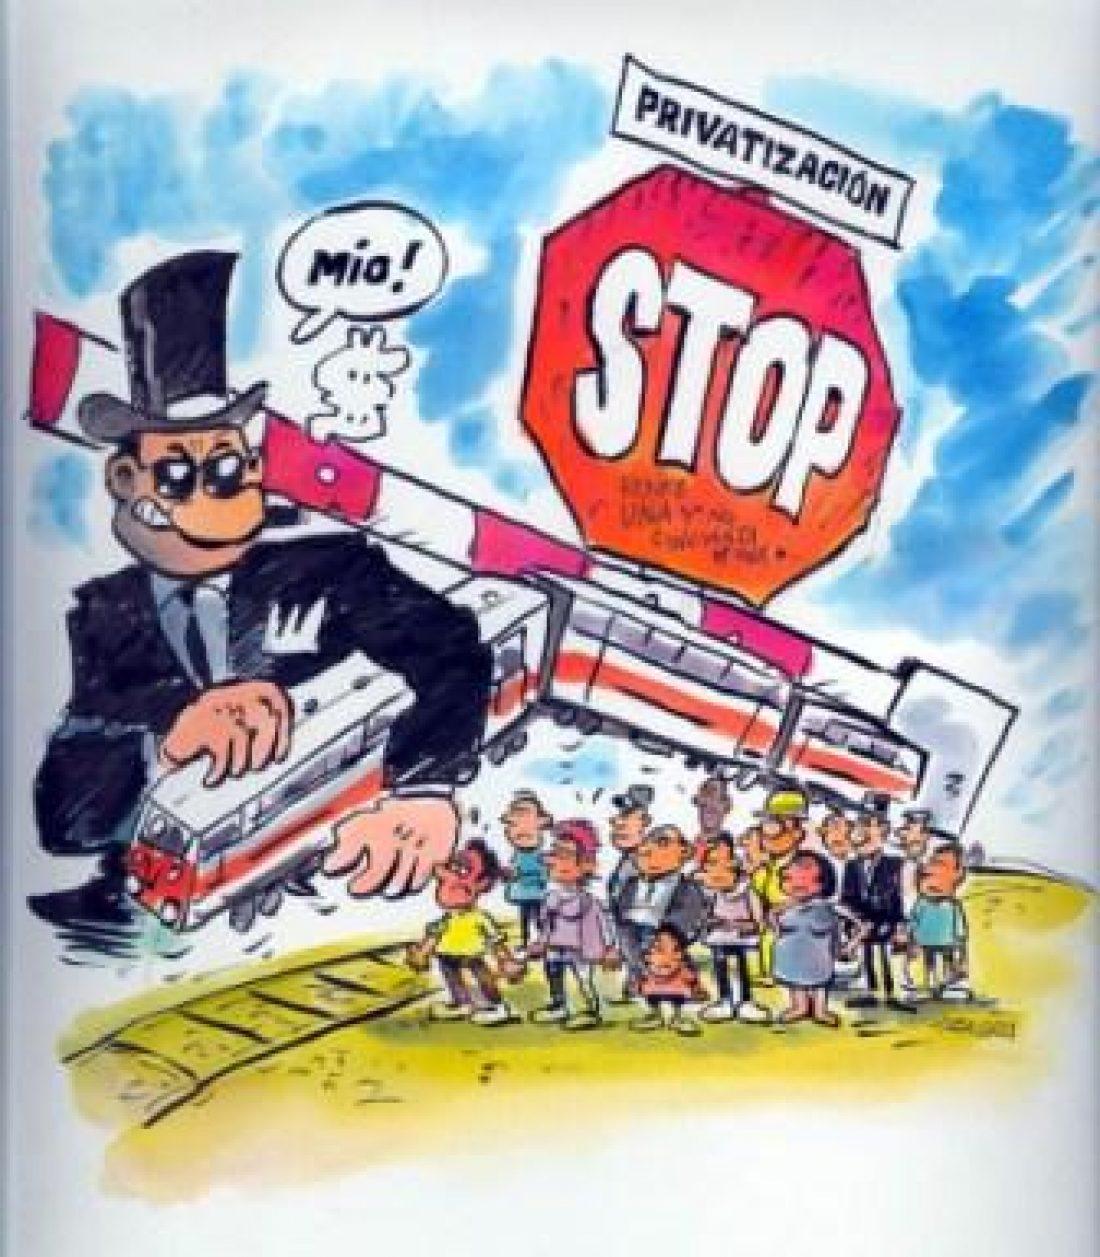 CGT dice NO a la privatización de Renfe